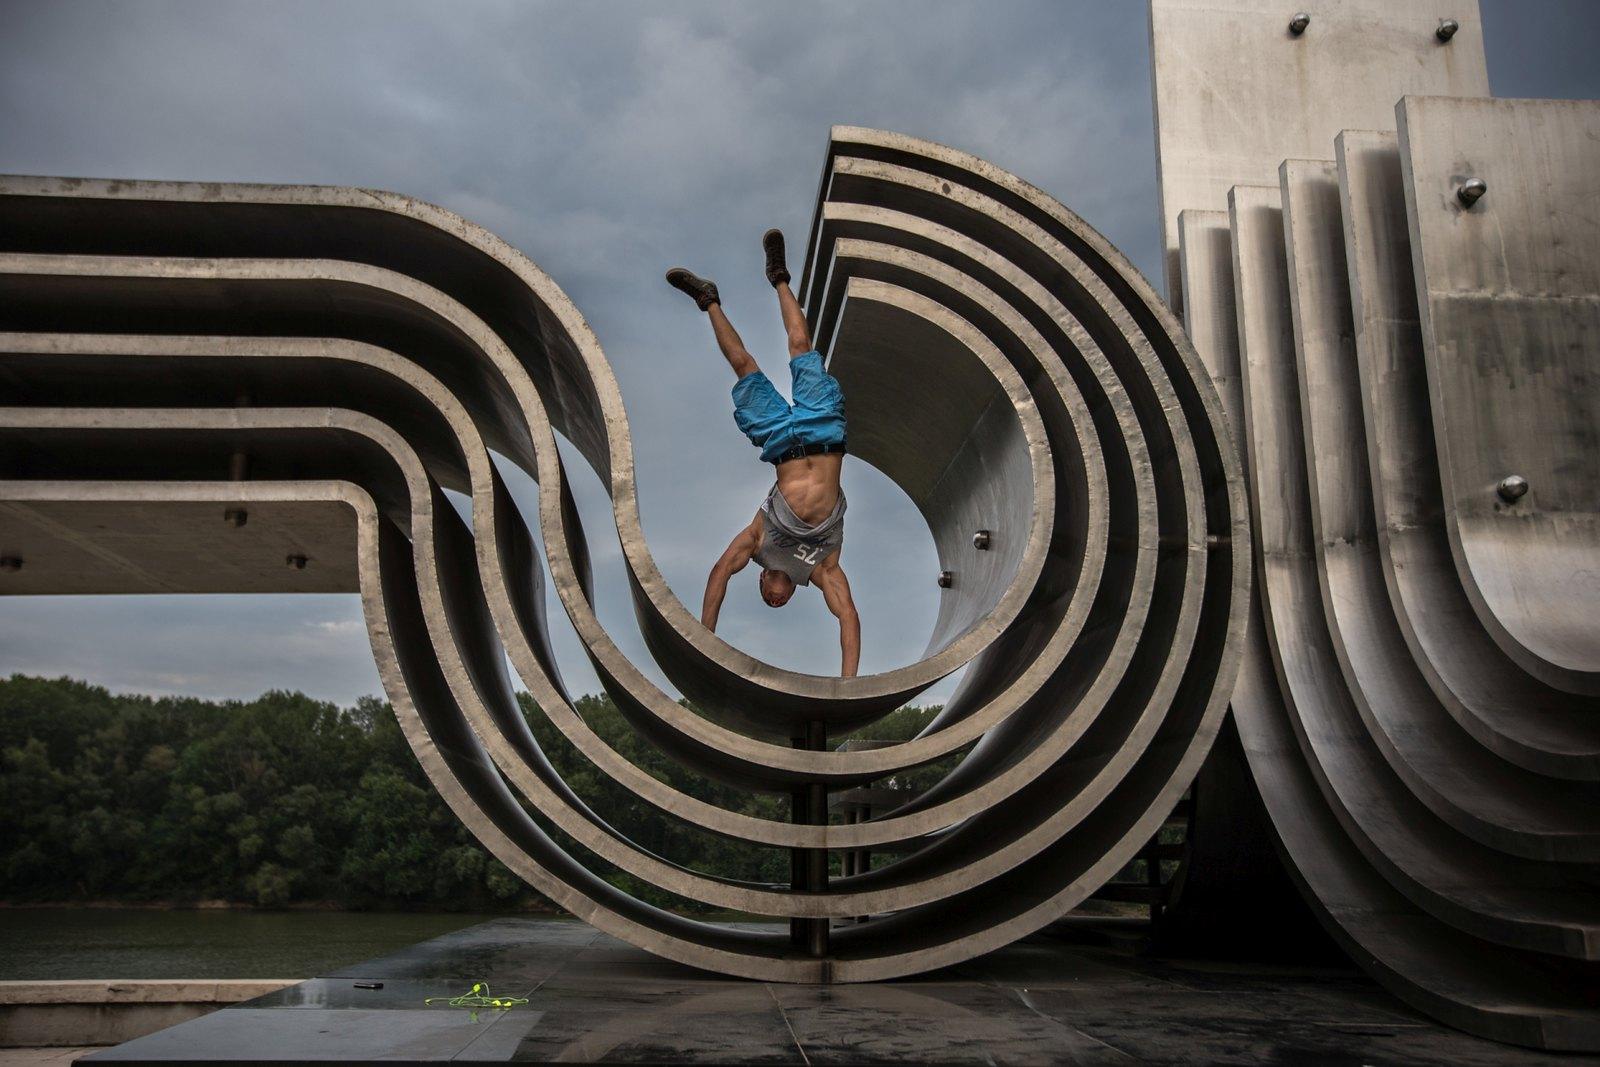 Még az is felmerült, hogy áthelyezik az Árvízi emlékművet a gyalogos-kerékpáros híd miatt